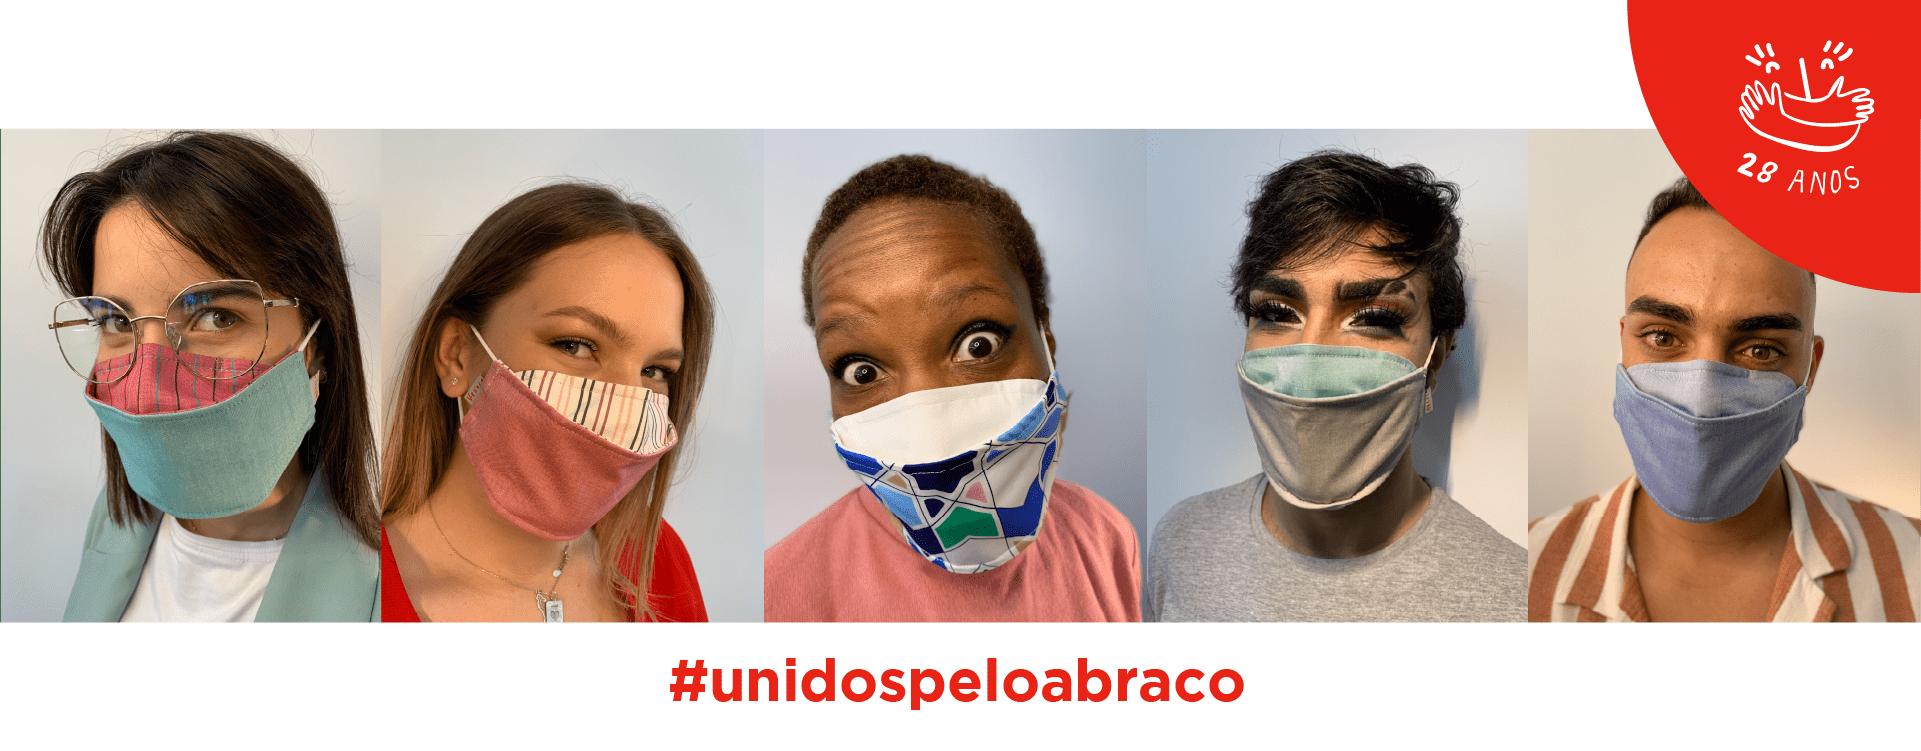 #UnidospeloAbraço: as novas máscaras solidárias 100% portuguesas